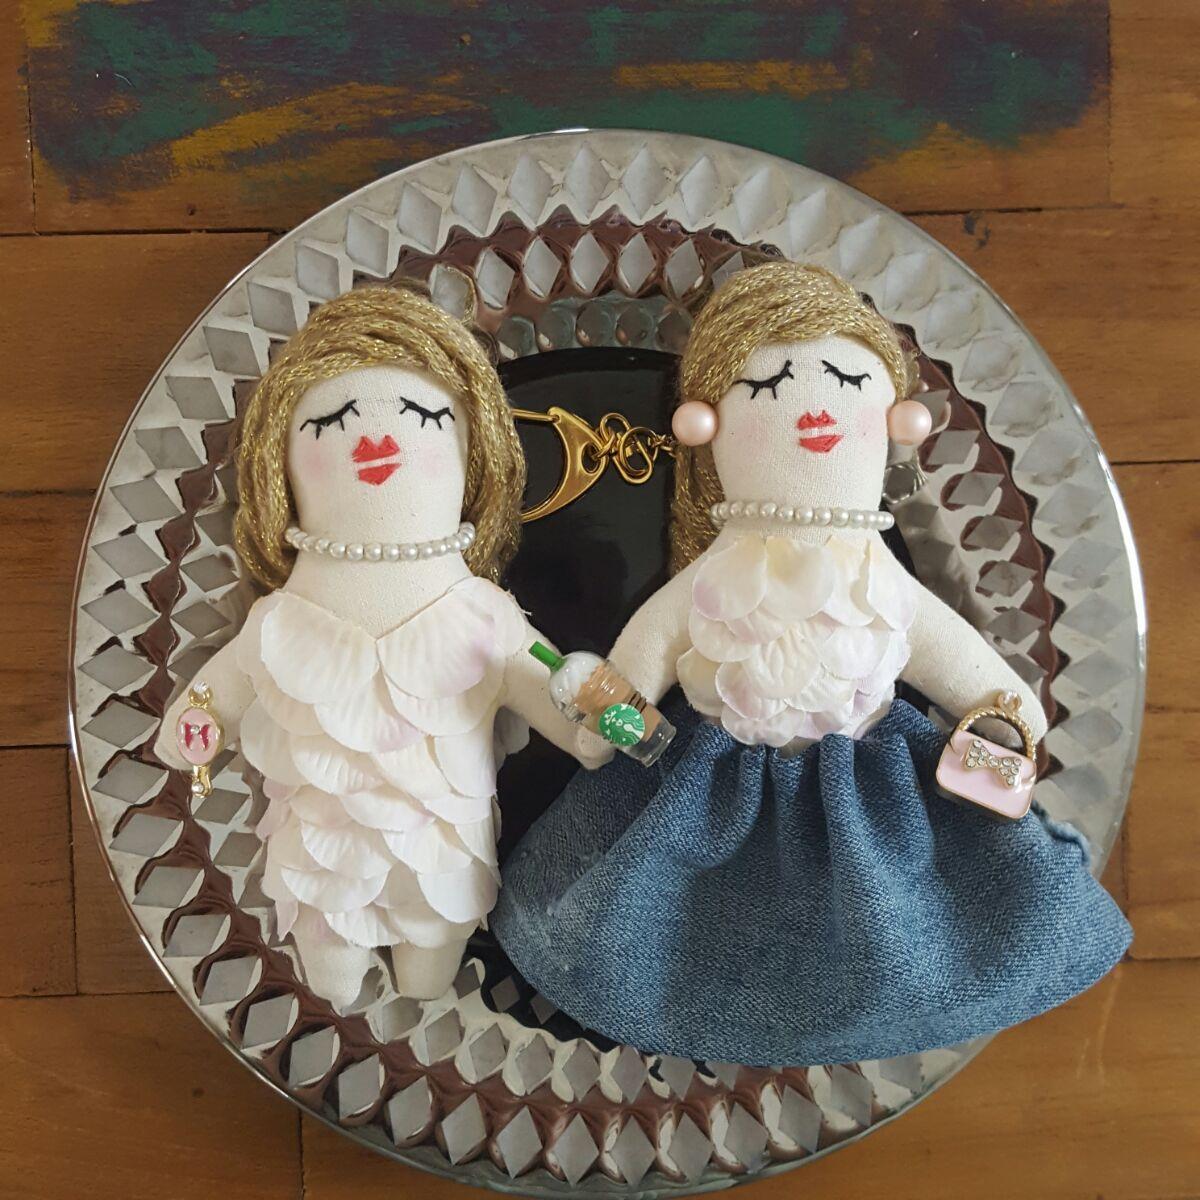 花びら衣装のドールチャーム姉妹